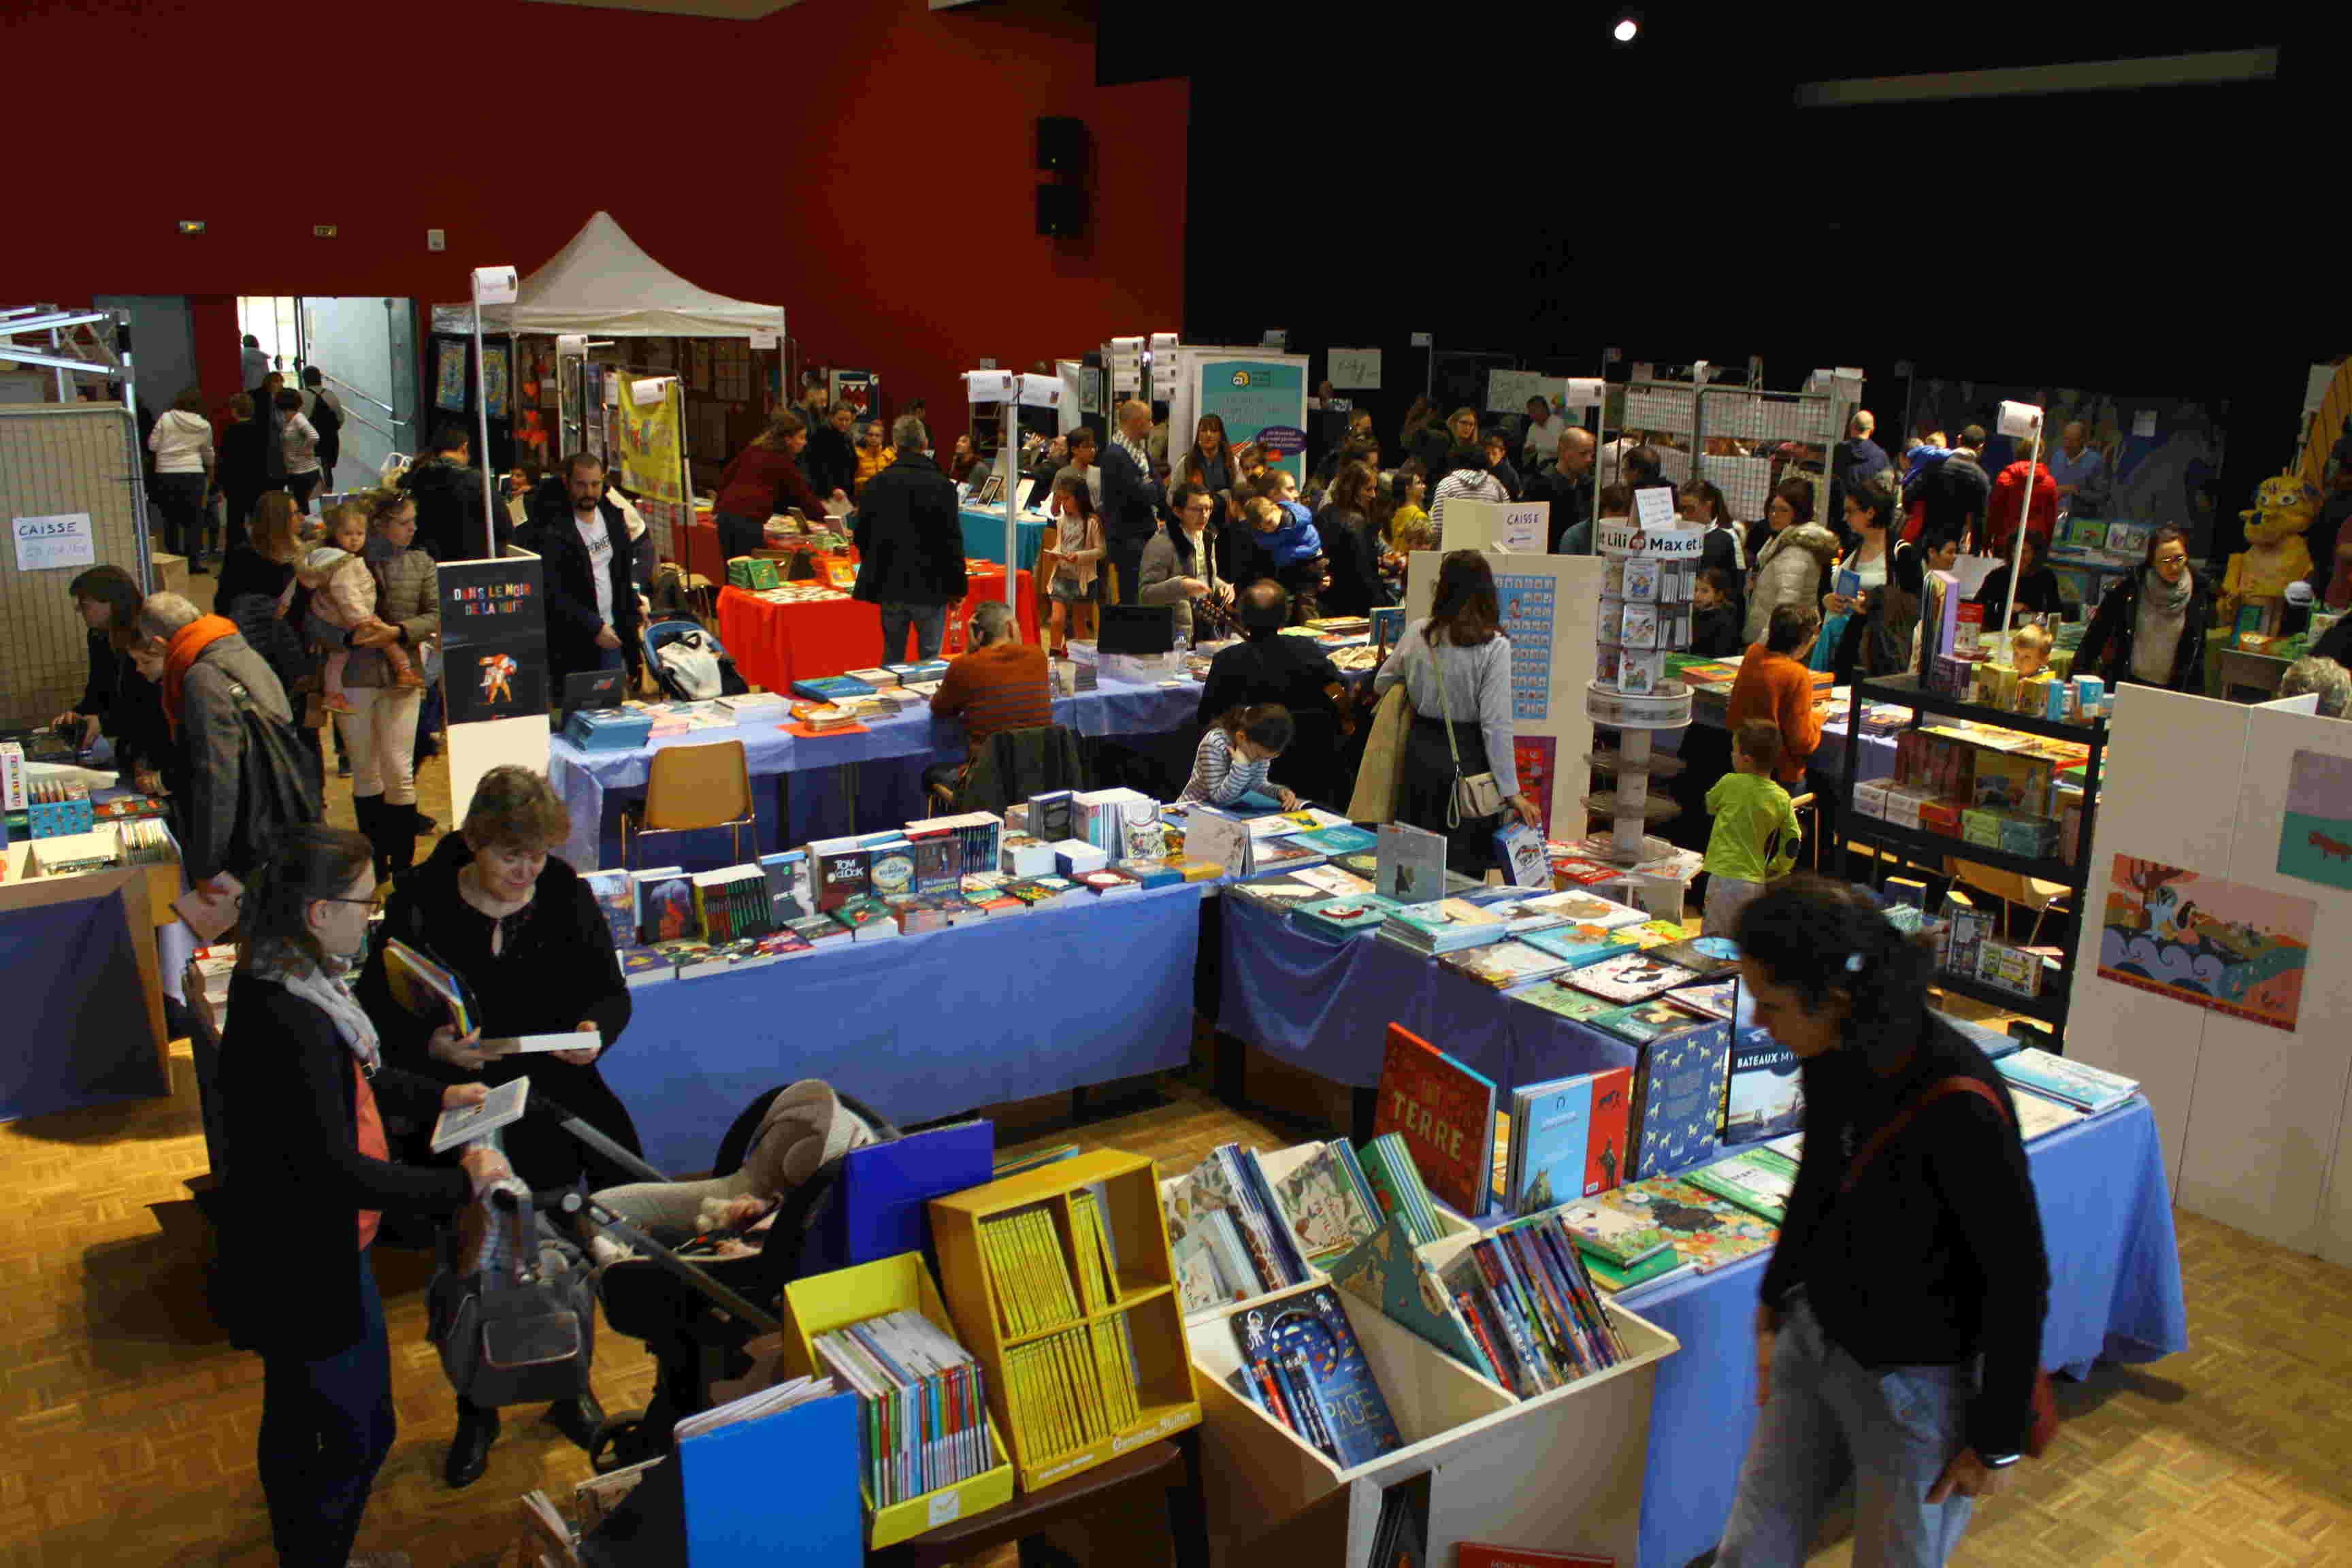 La 20e édition du salon du livre de jeunesse a fermé ses portes le dimanche 17 mars après 7 jours de festivités hauts en livre,fortede plus de 7 300 visiteurs.